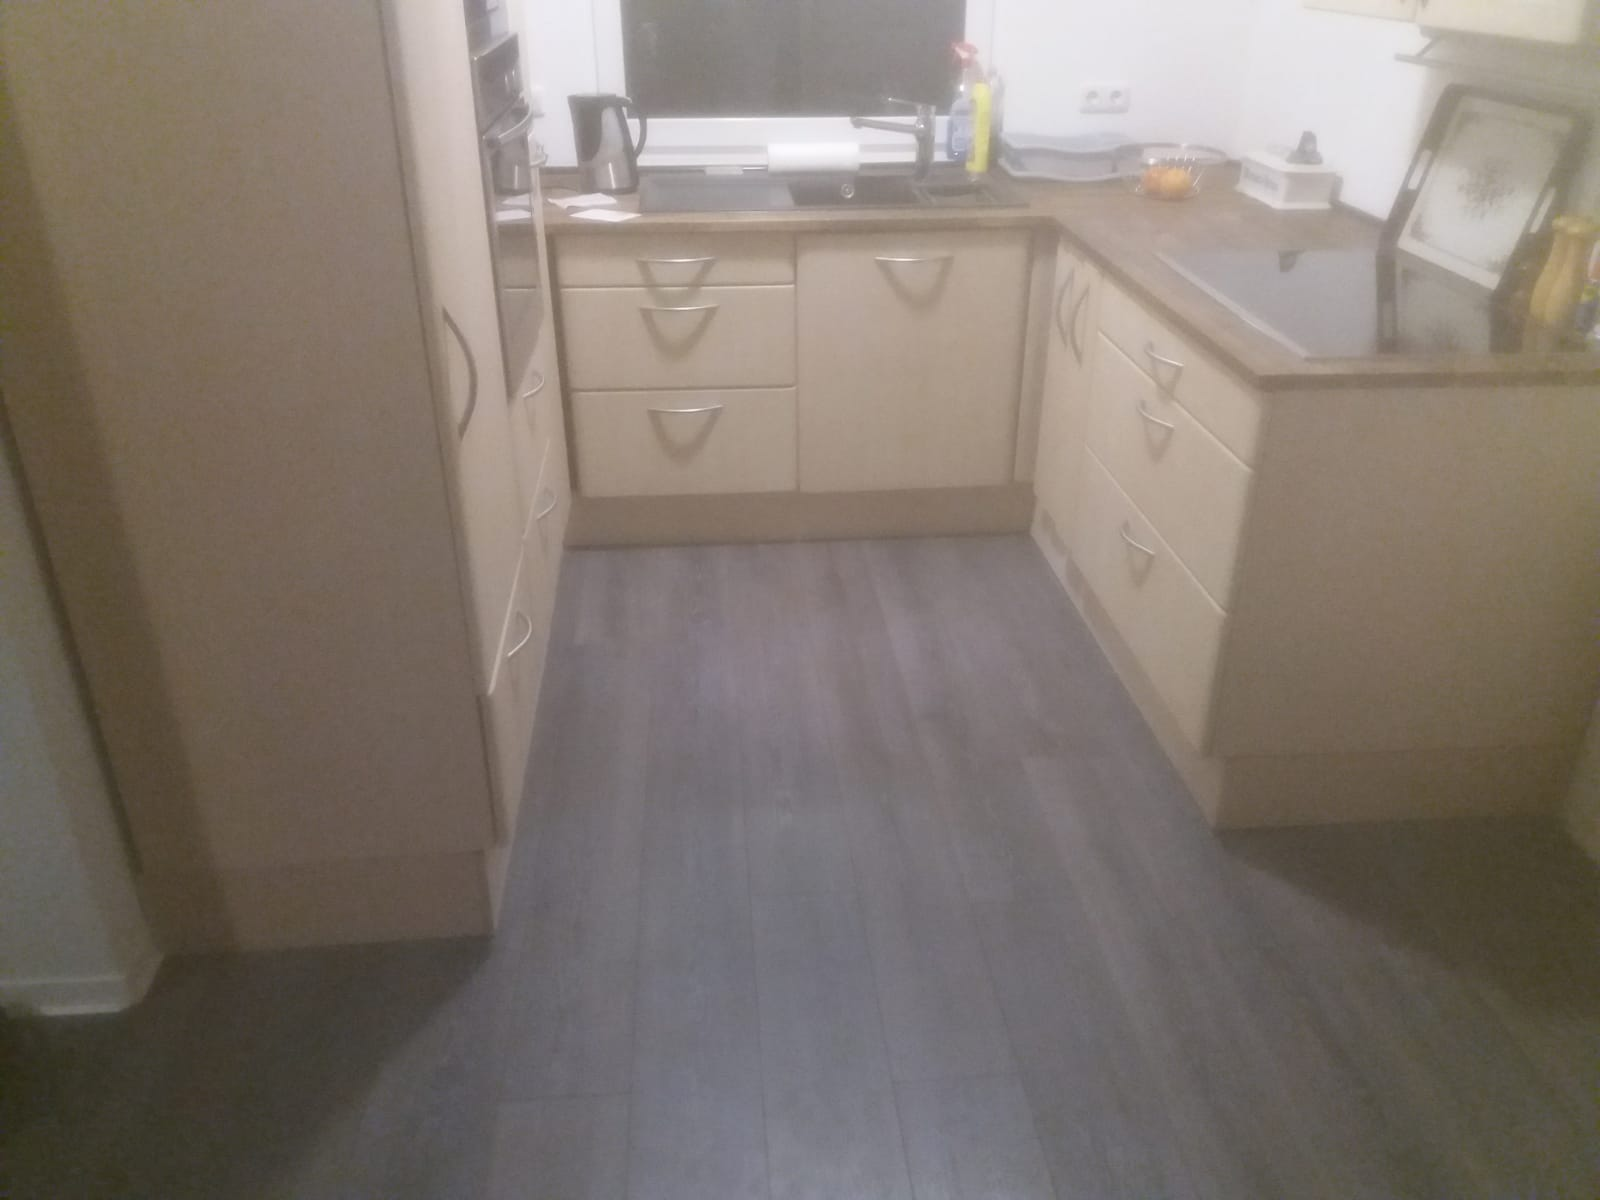 Einbau von einer geraden Küchenzeile in eine U-förmige Form , kein Problem